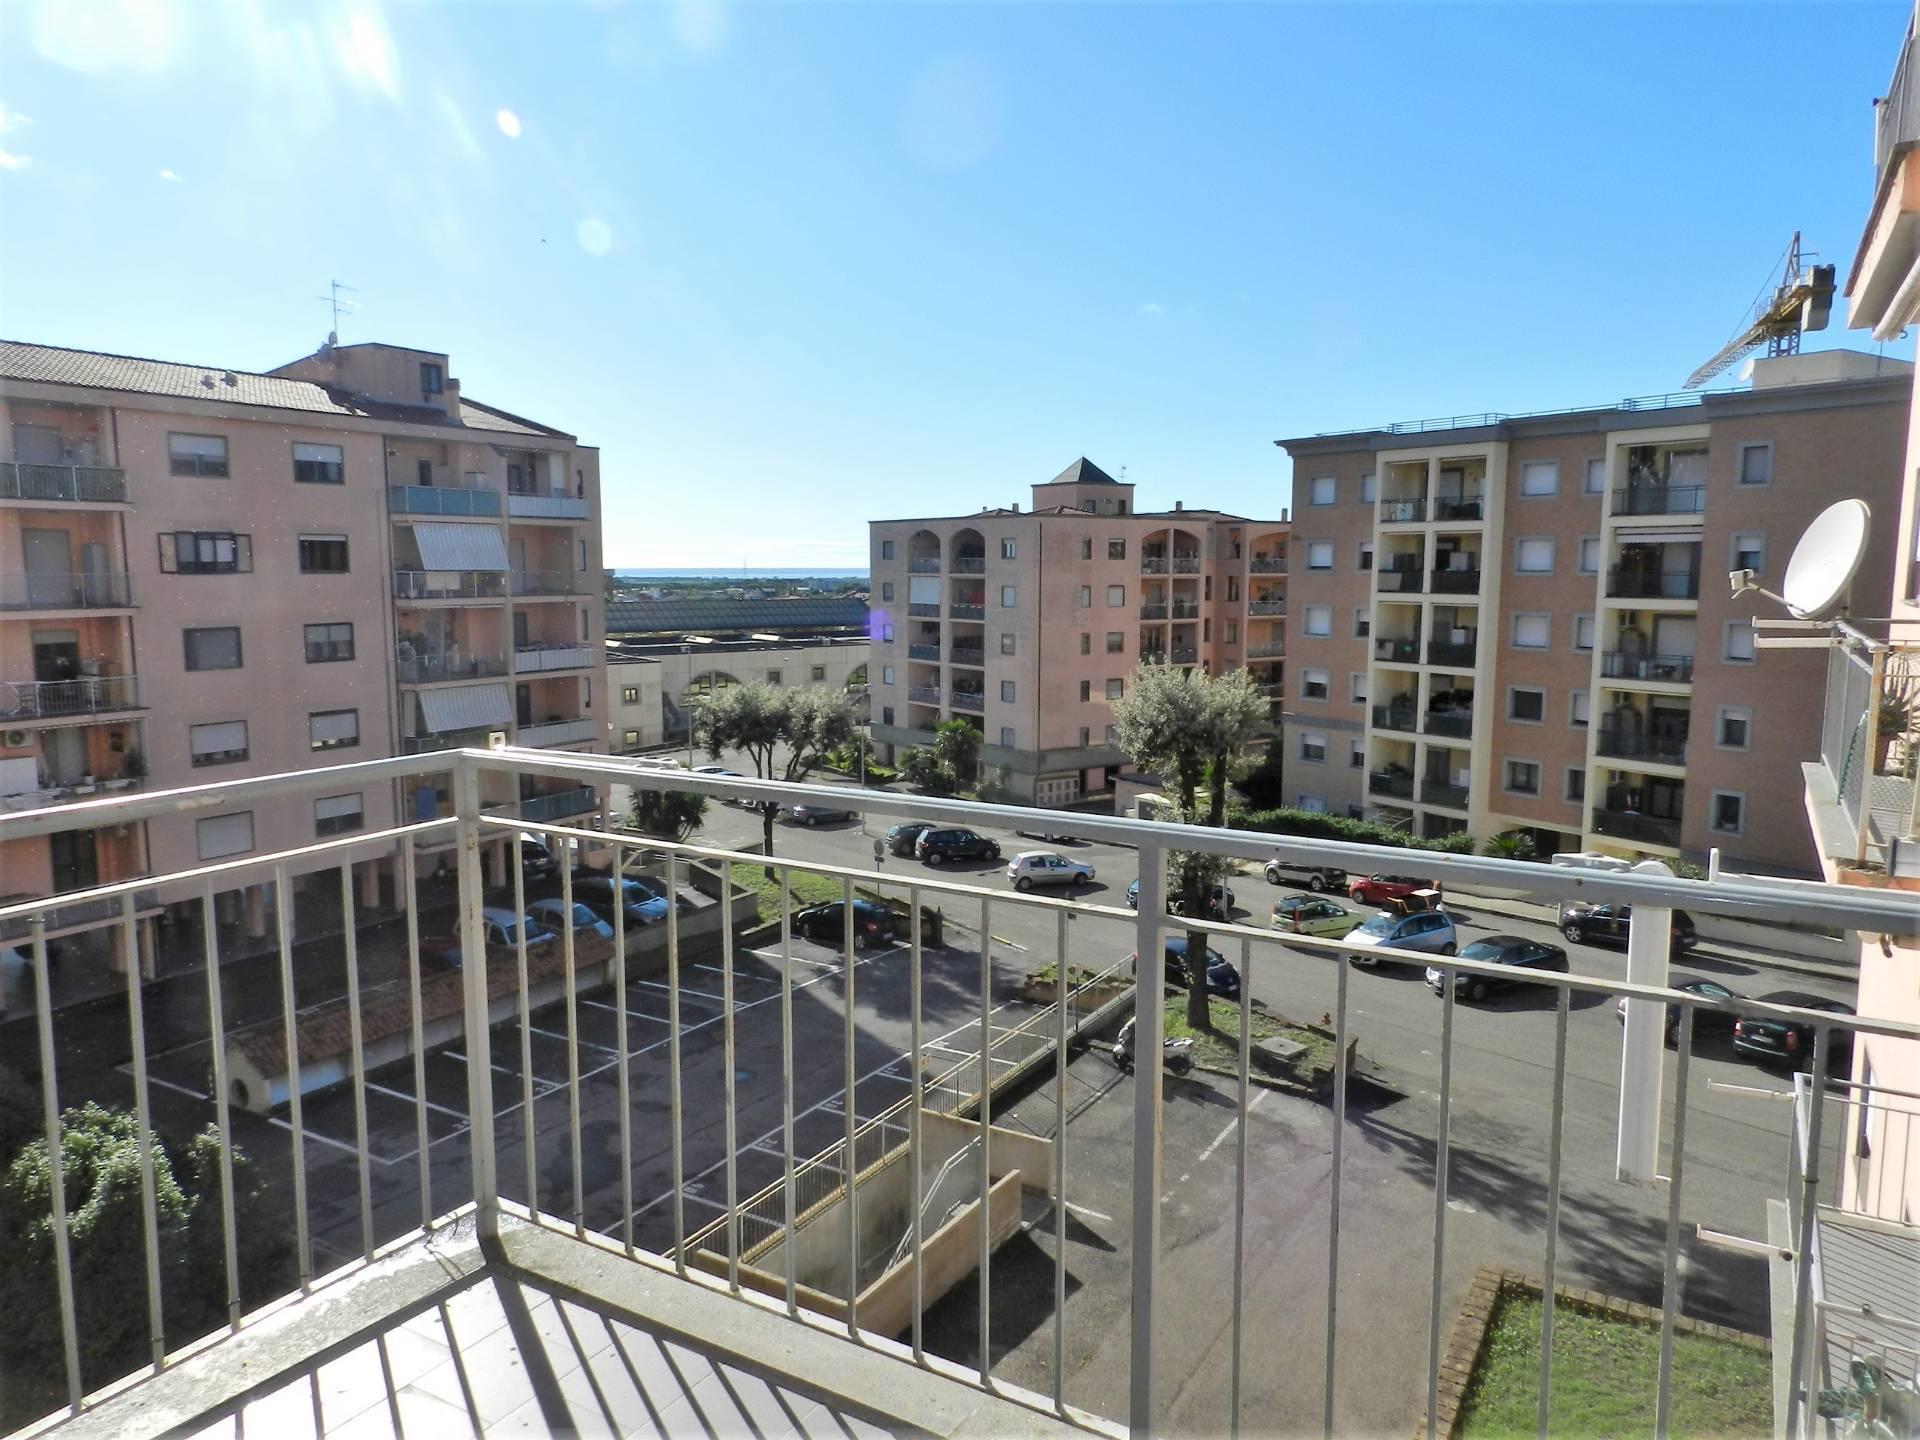 Appartamento in vendita a Tarquinia, 2 locali, zona Località: Top16, prezzo € 85.000 | PortaleAgenzieImmobiliari.it